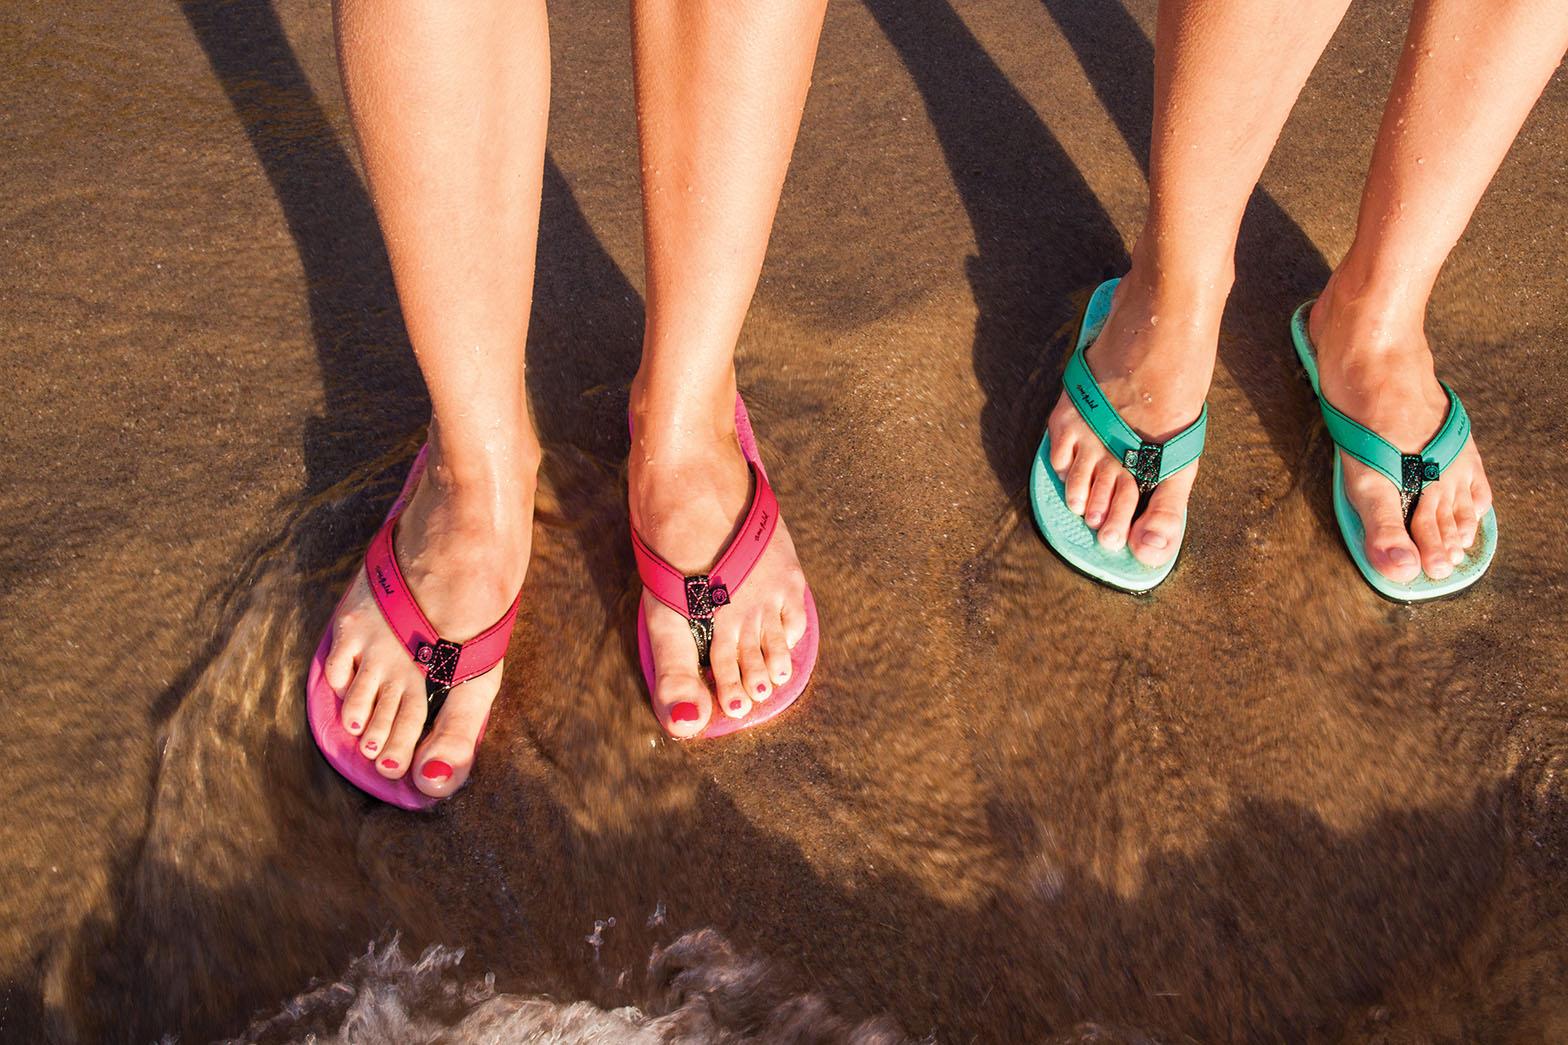 WaveseekerFlipW_388_68P_Feet_SS13.jpg